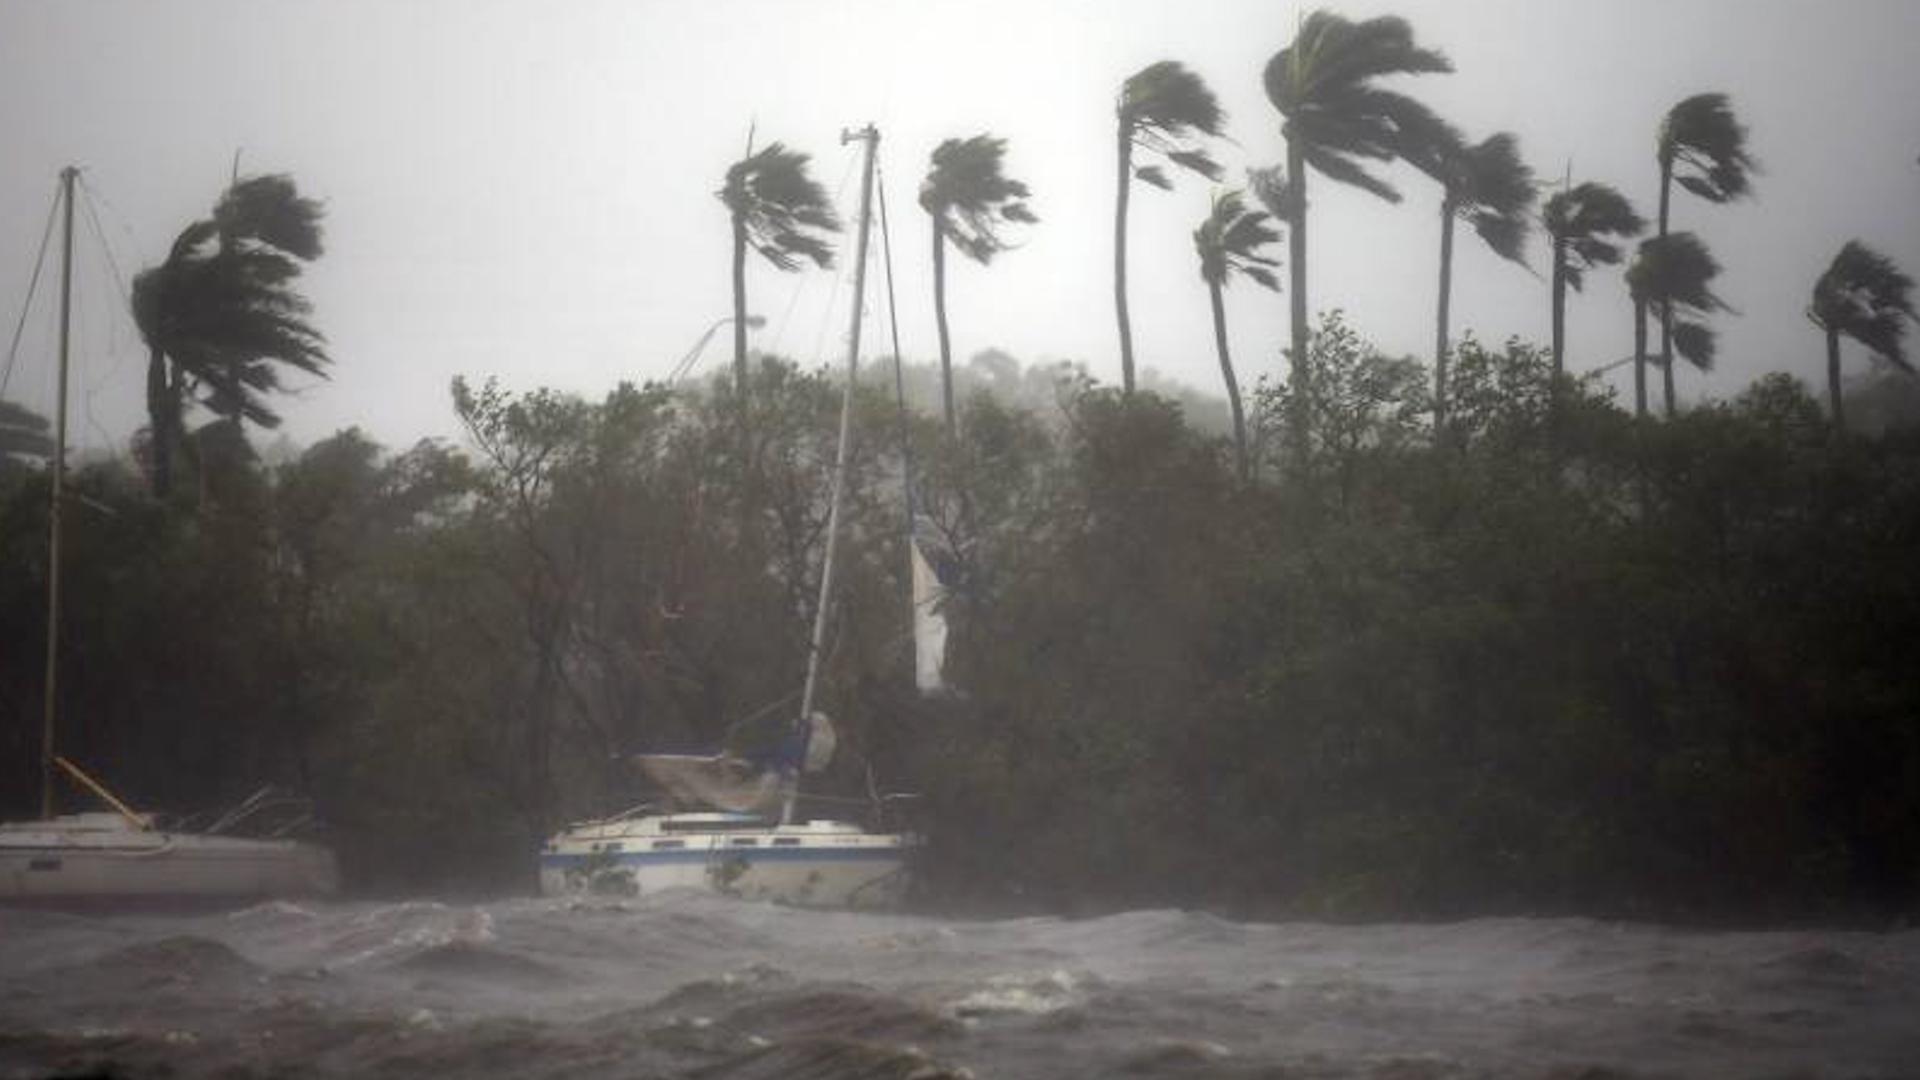 El huracán Irma golpea la costa de Florida